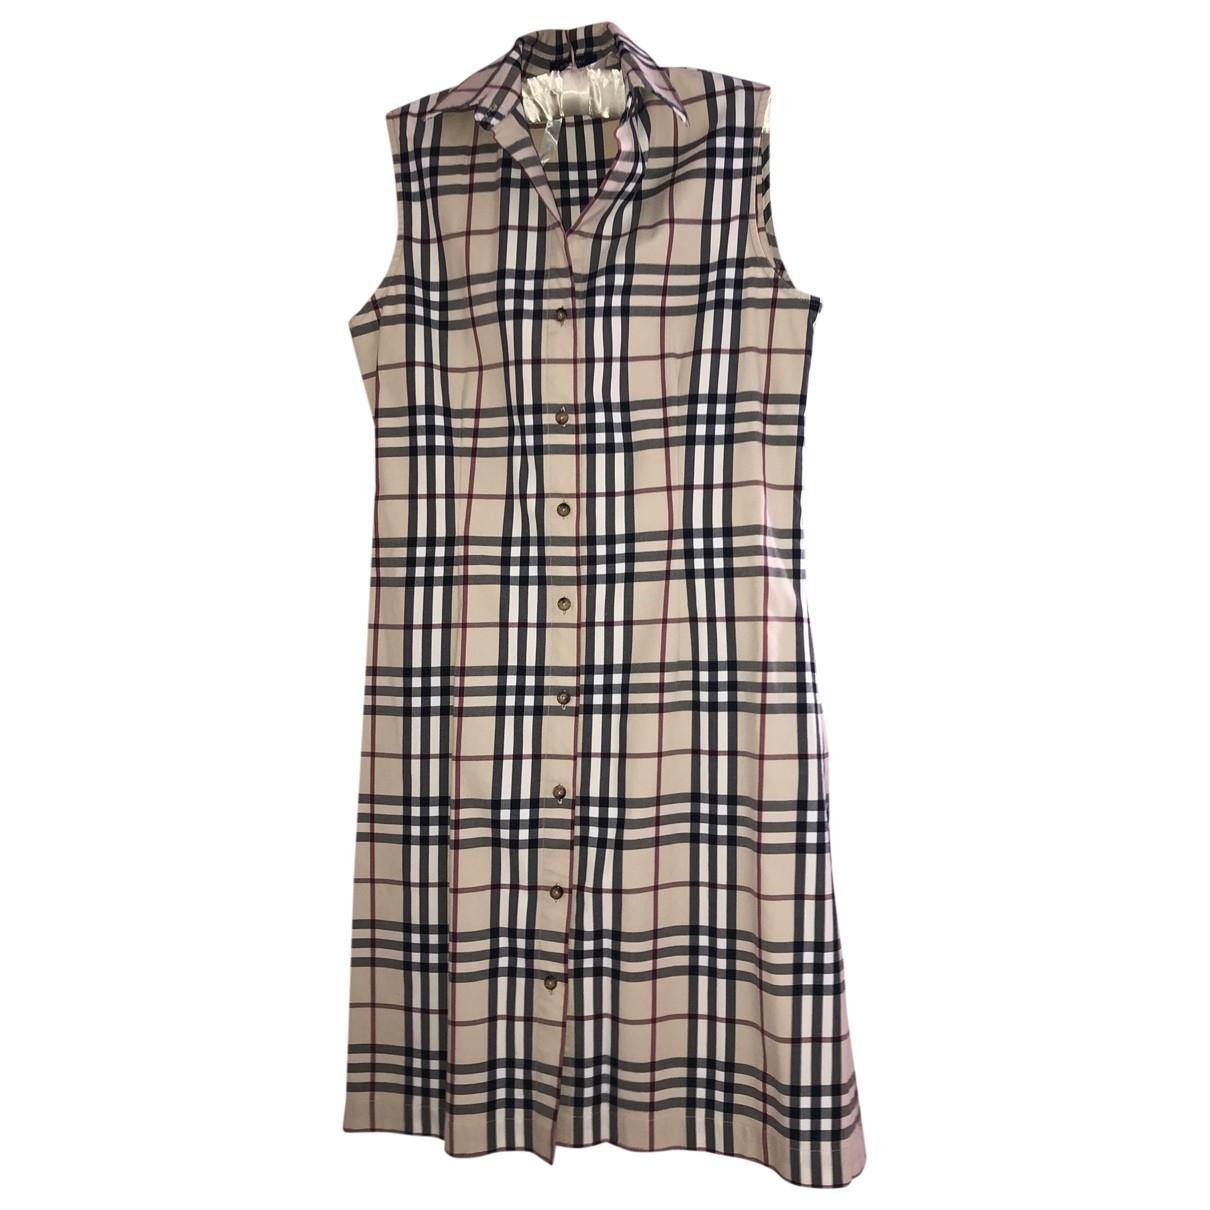 Burberry \N Kleid in  Beige Baumwolle - Elasthan